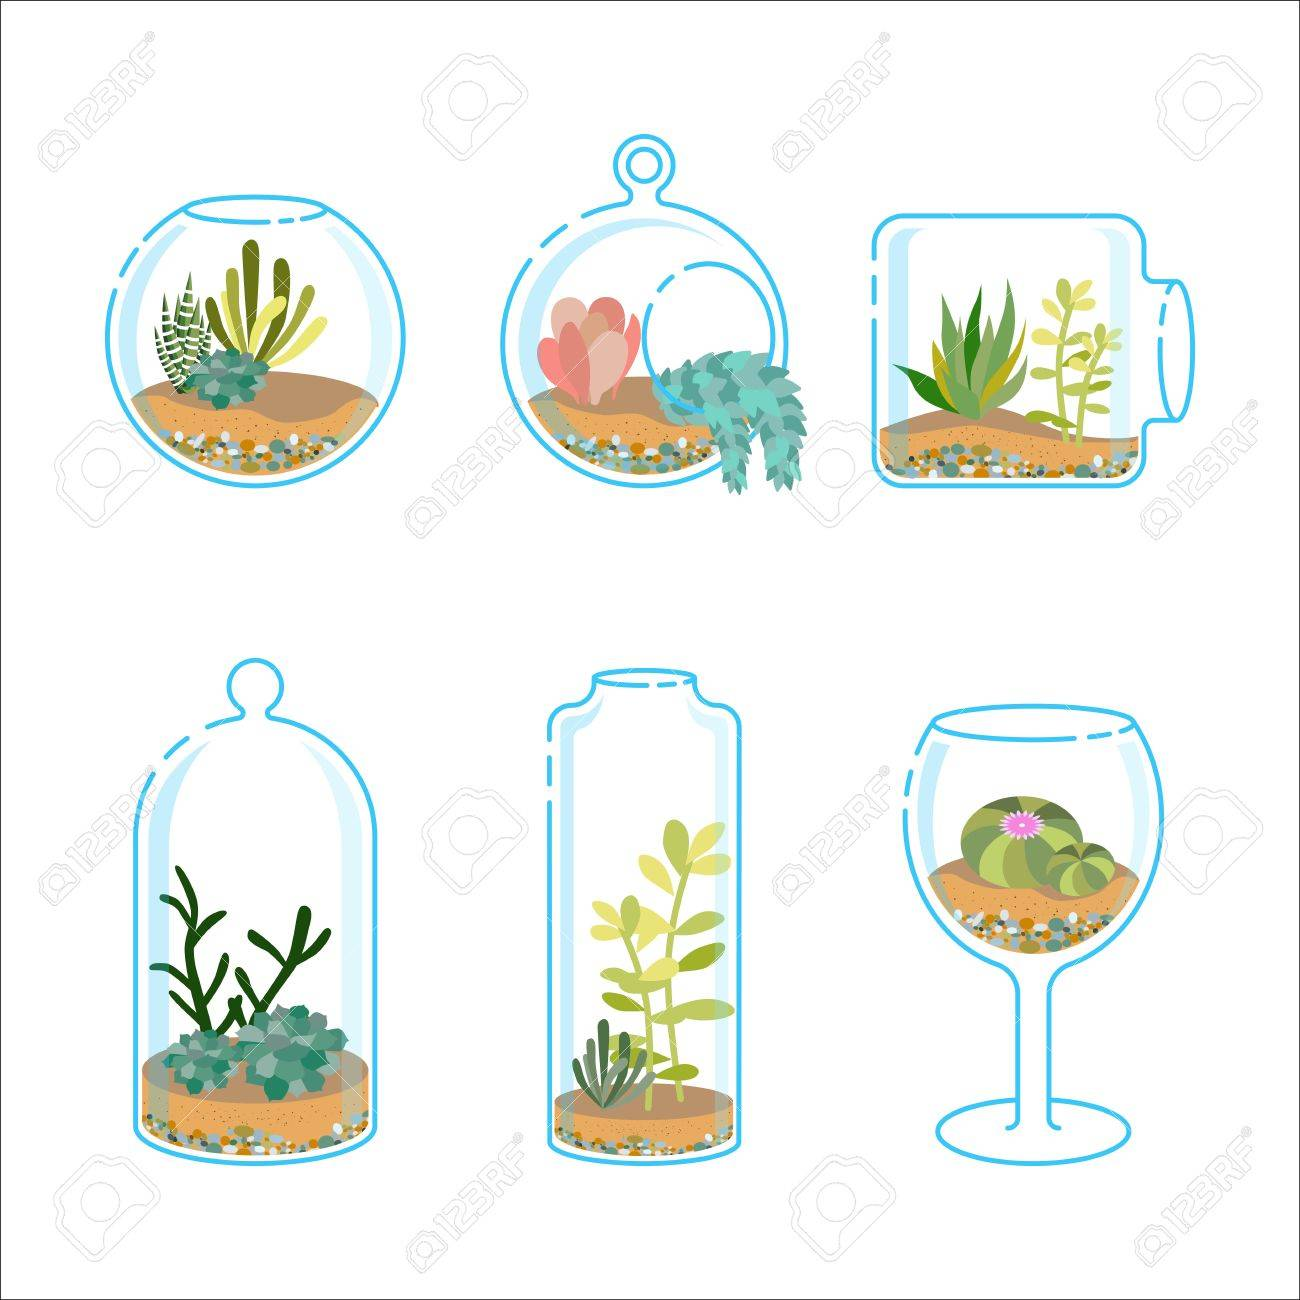 Decoration Avec Plantes Grasses ensemble de florariums plat avec différentes plantes grasses et cactus pour  la décoration intérieure moderne. plantez dans un aquarium en verre.